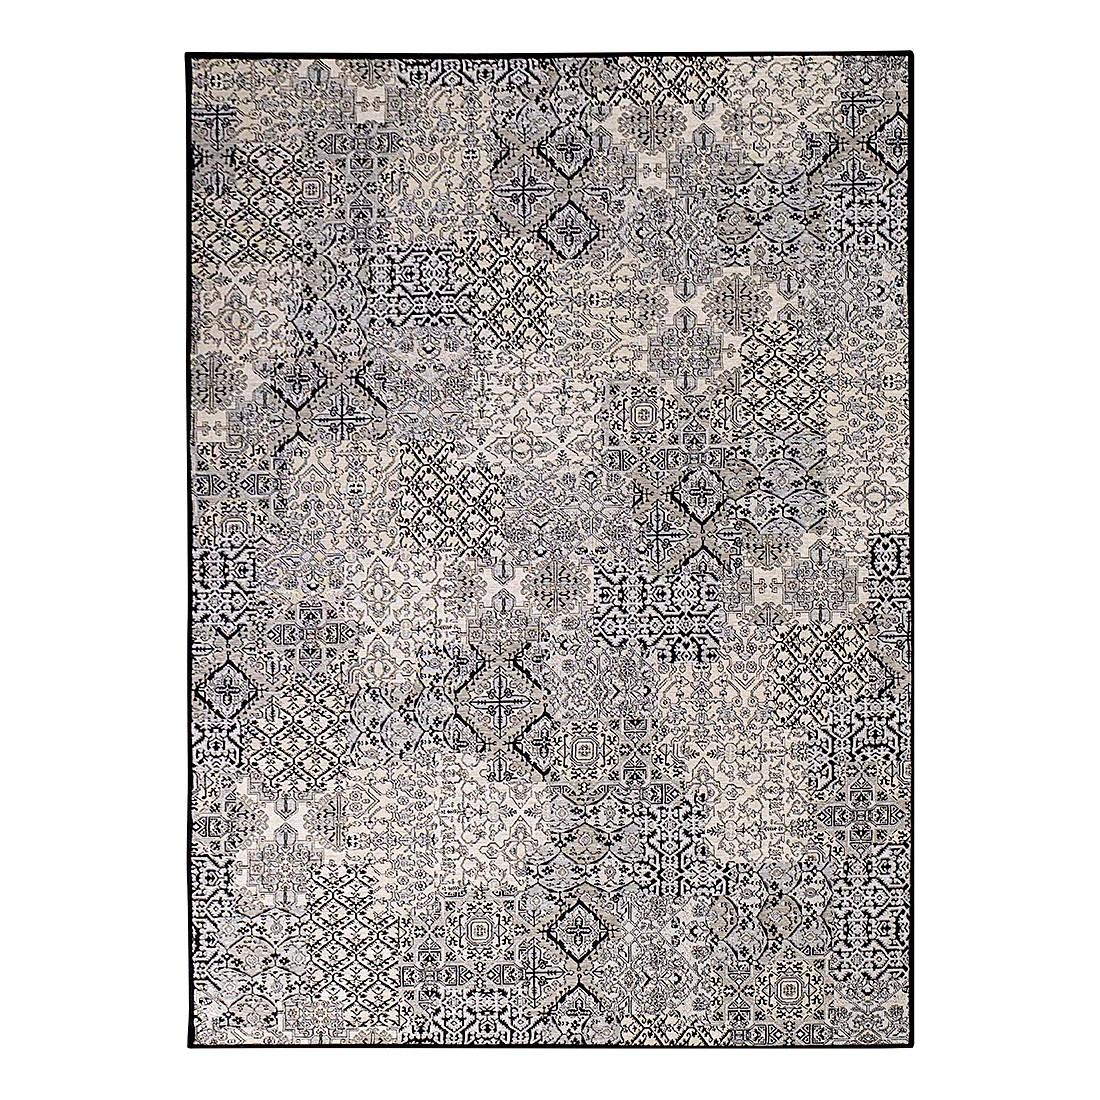 Teppich Ornamente – Beige – 140 x 200 cm, Schöngeist & Petersen jetzt kaufen